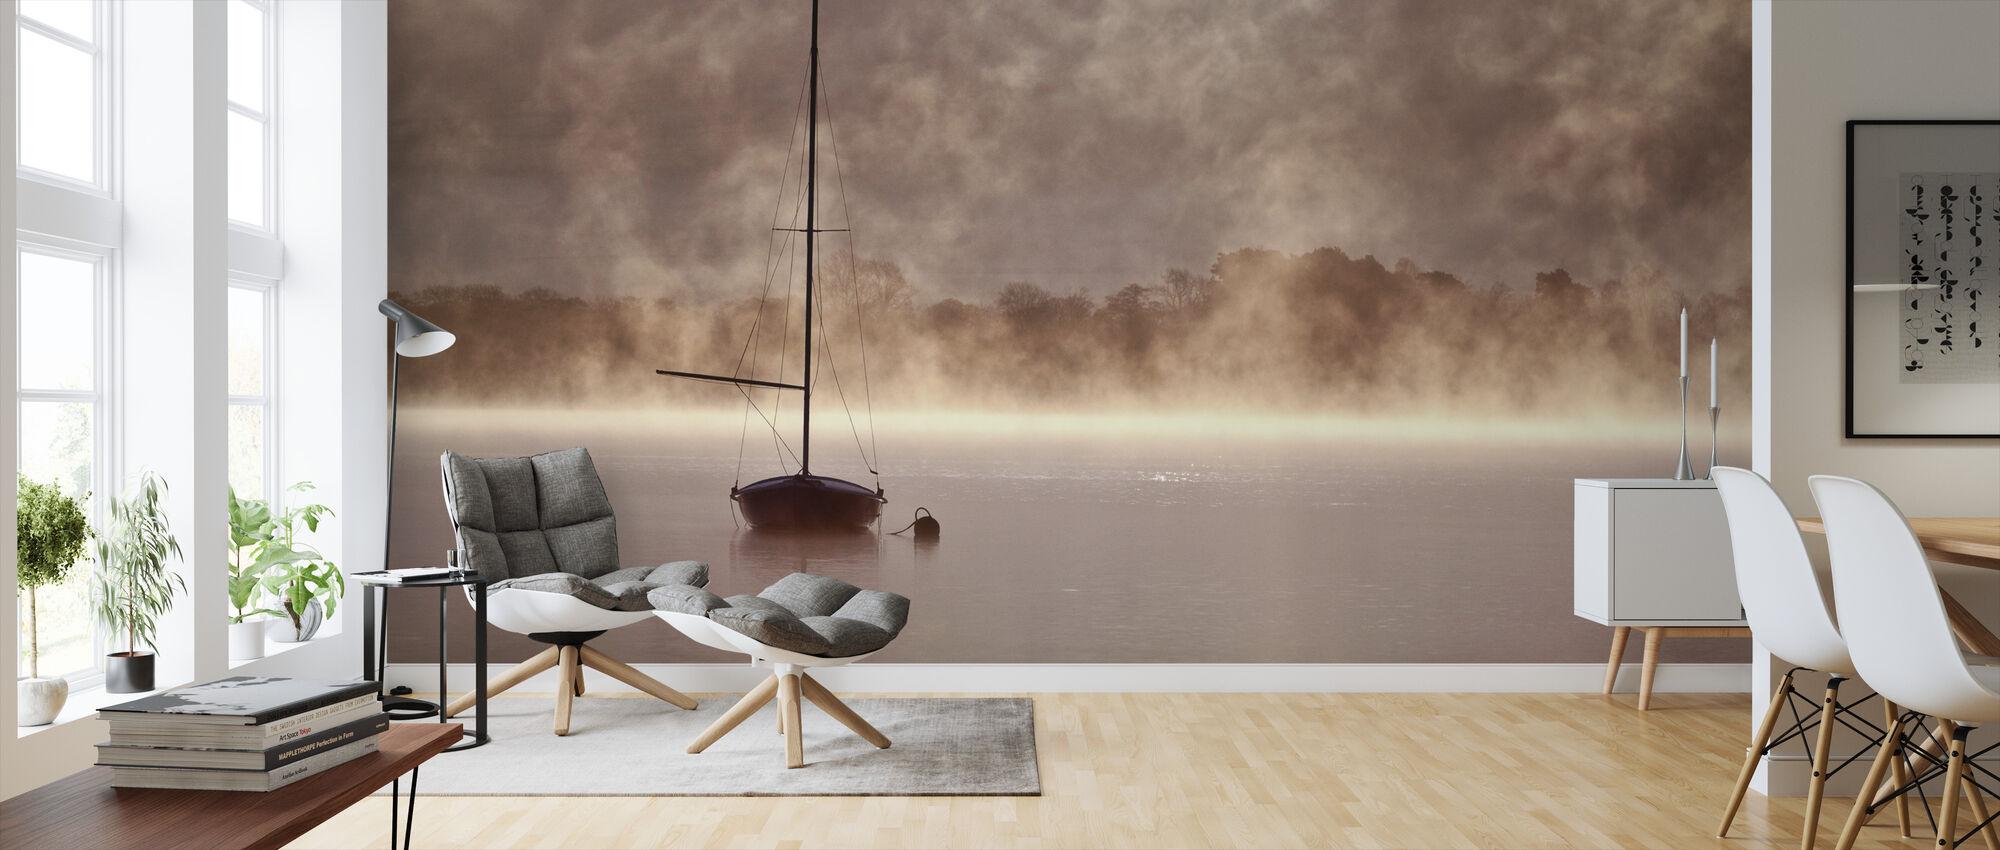 Misty Boatride - Wallpaper - Living Room